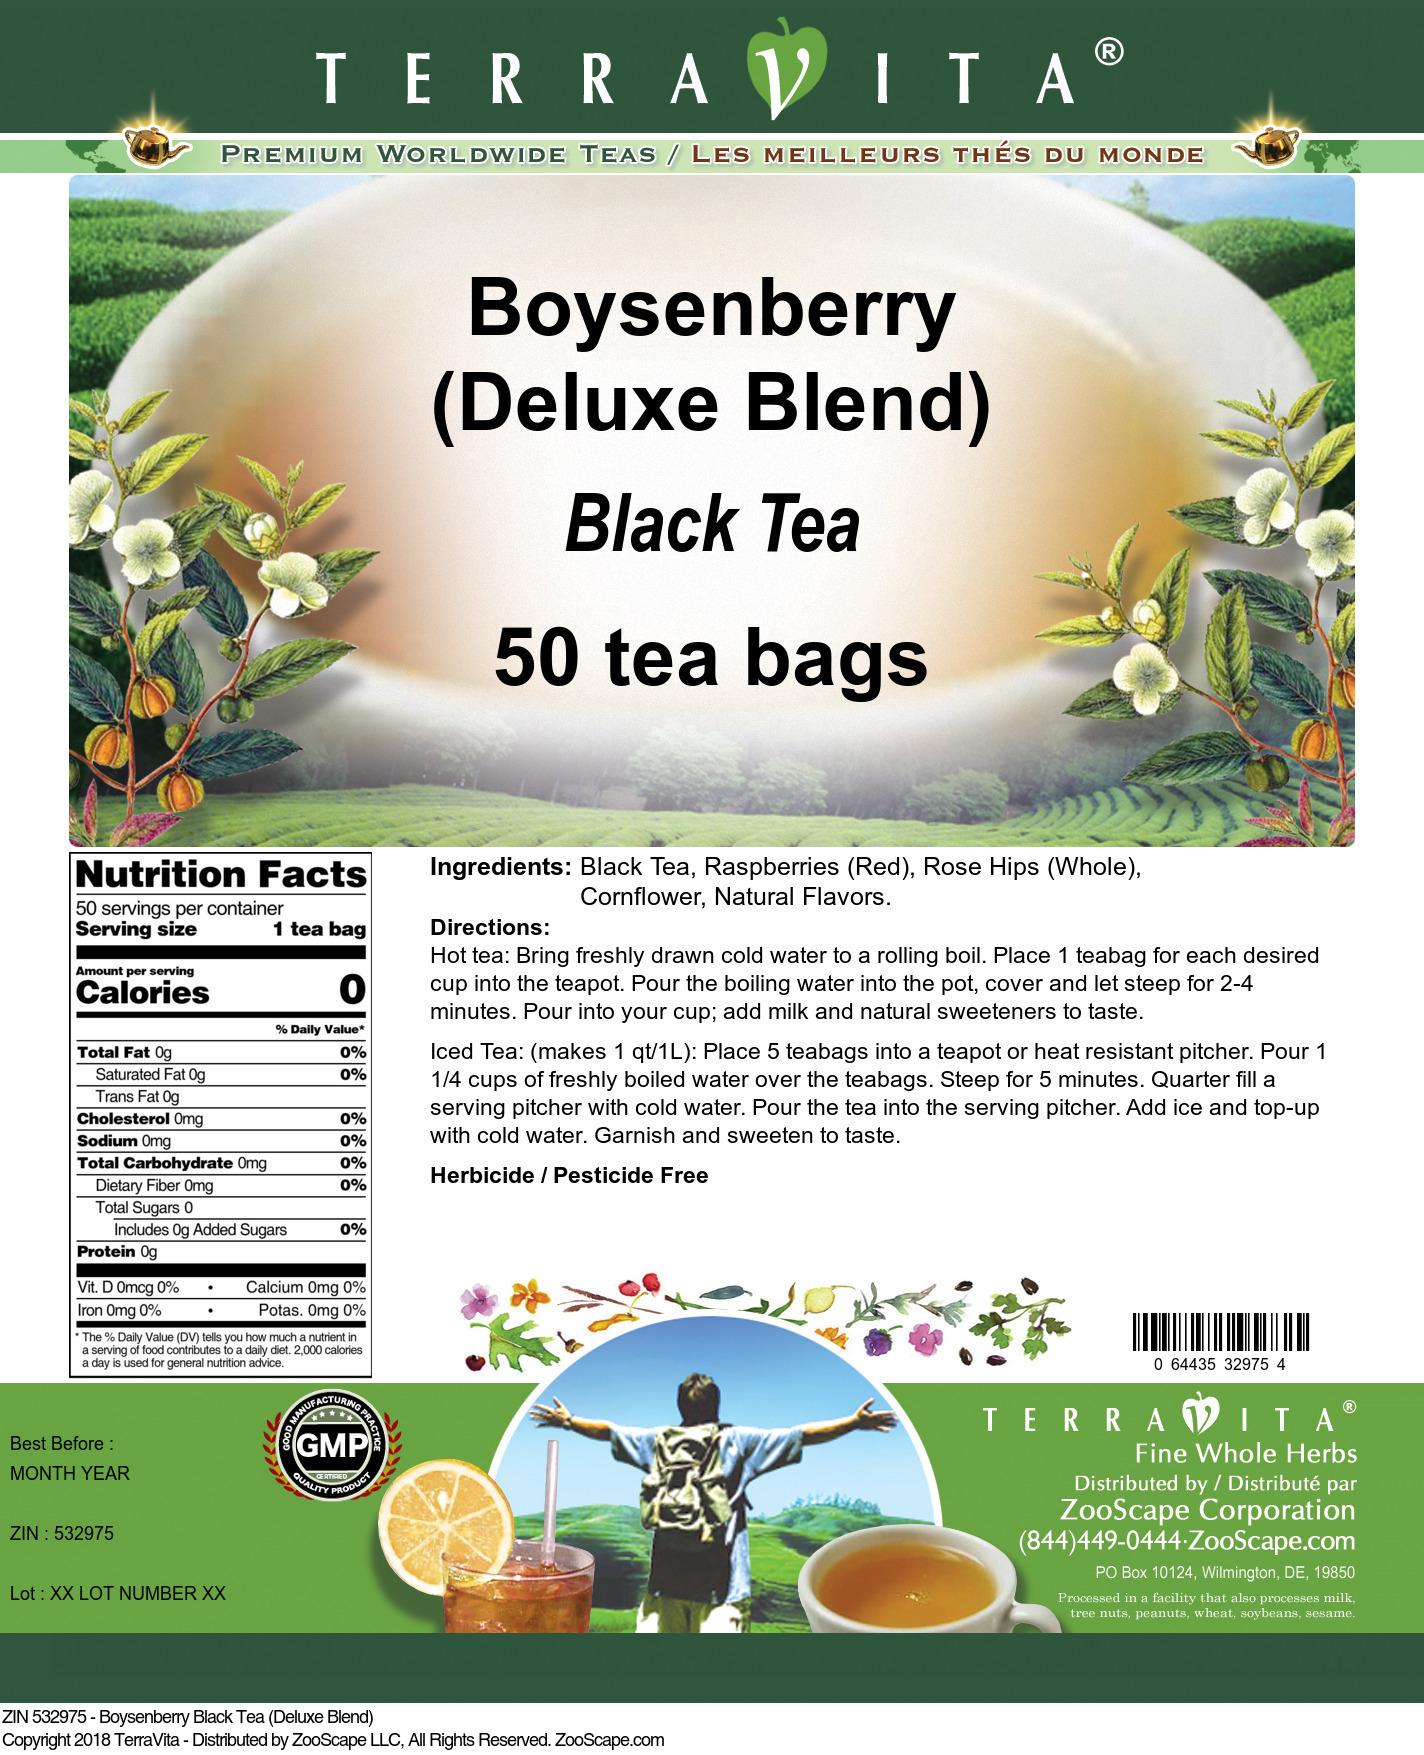 Boysenberry Black Tea (Deluxe Blend)